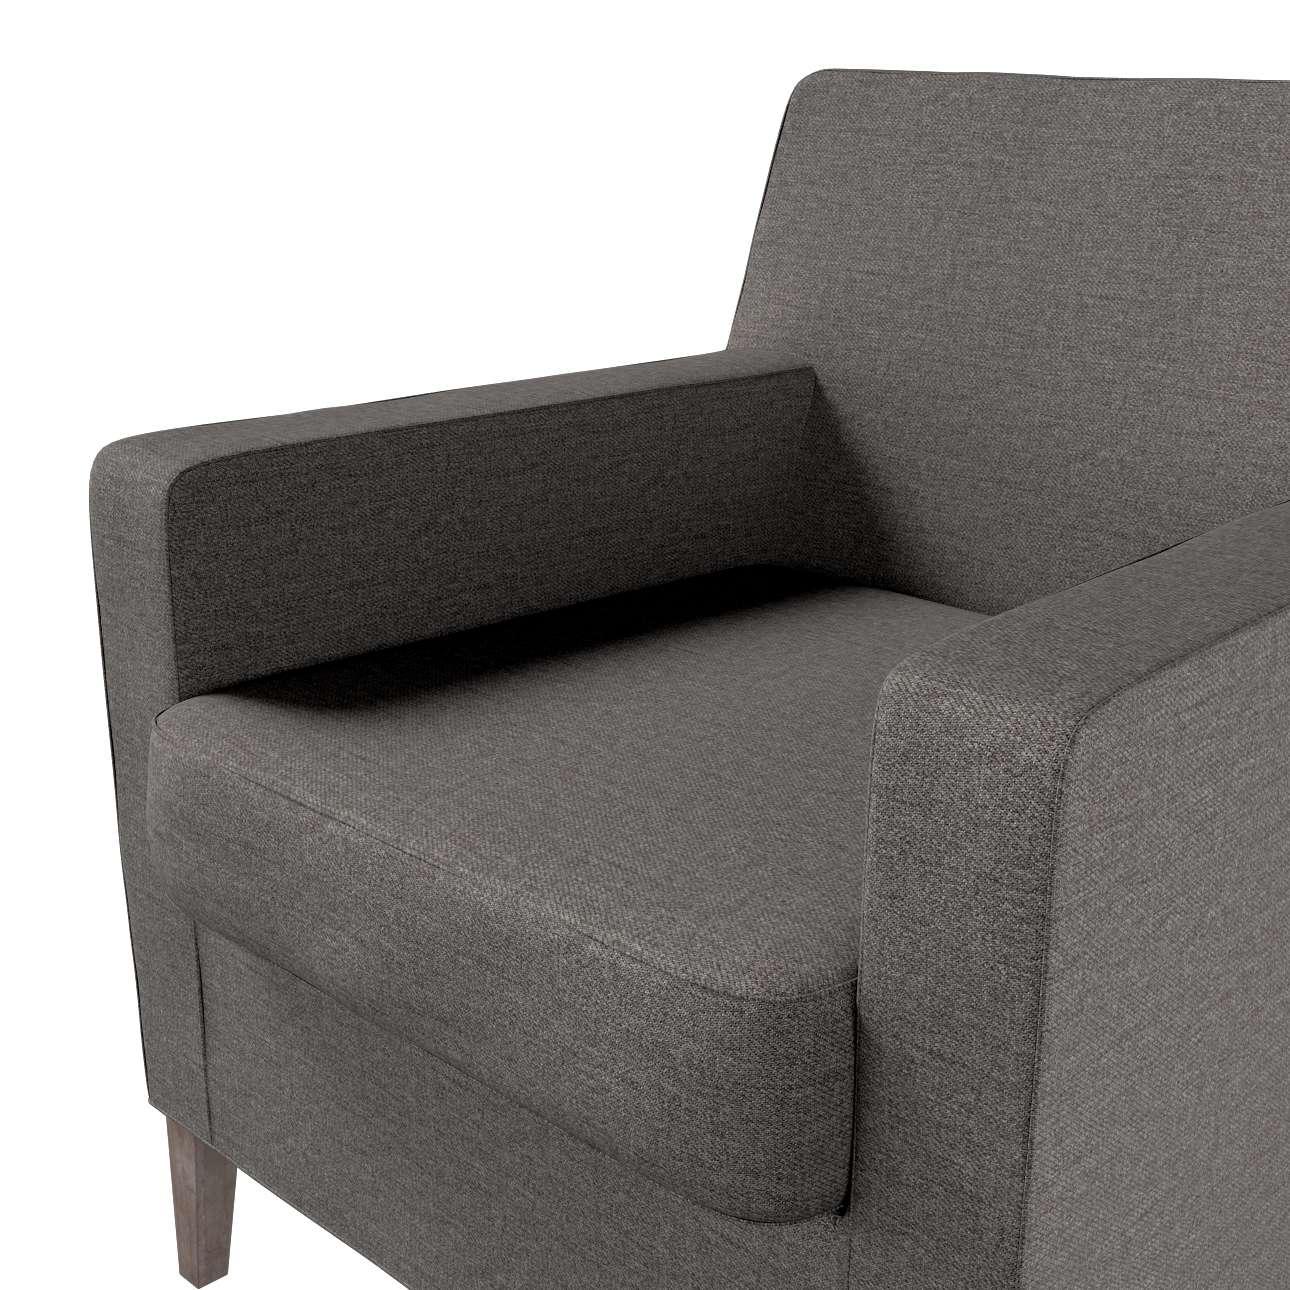 Pokrowiec na fotel Karlstad w kolekcji Edinburgh, tkanina: 115-77